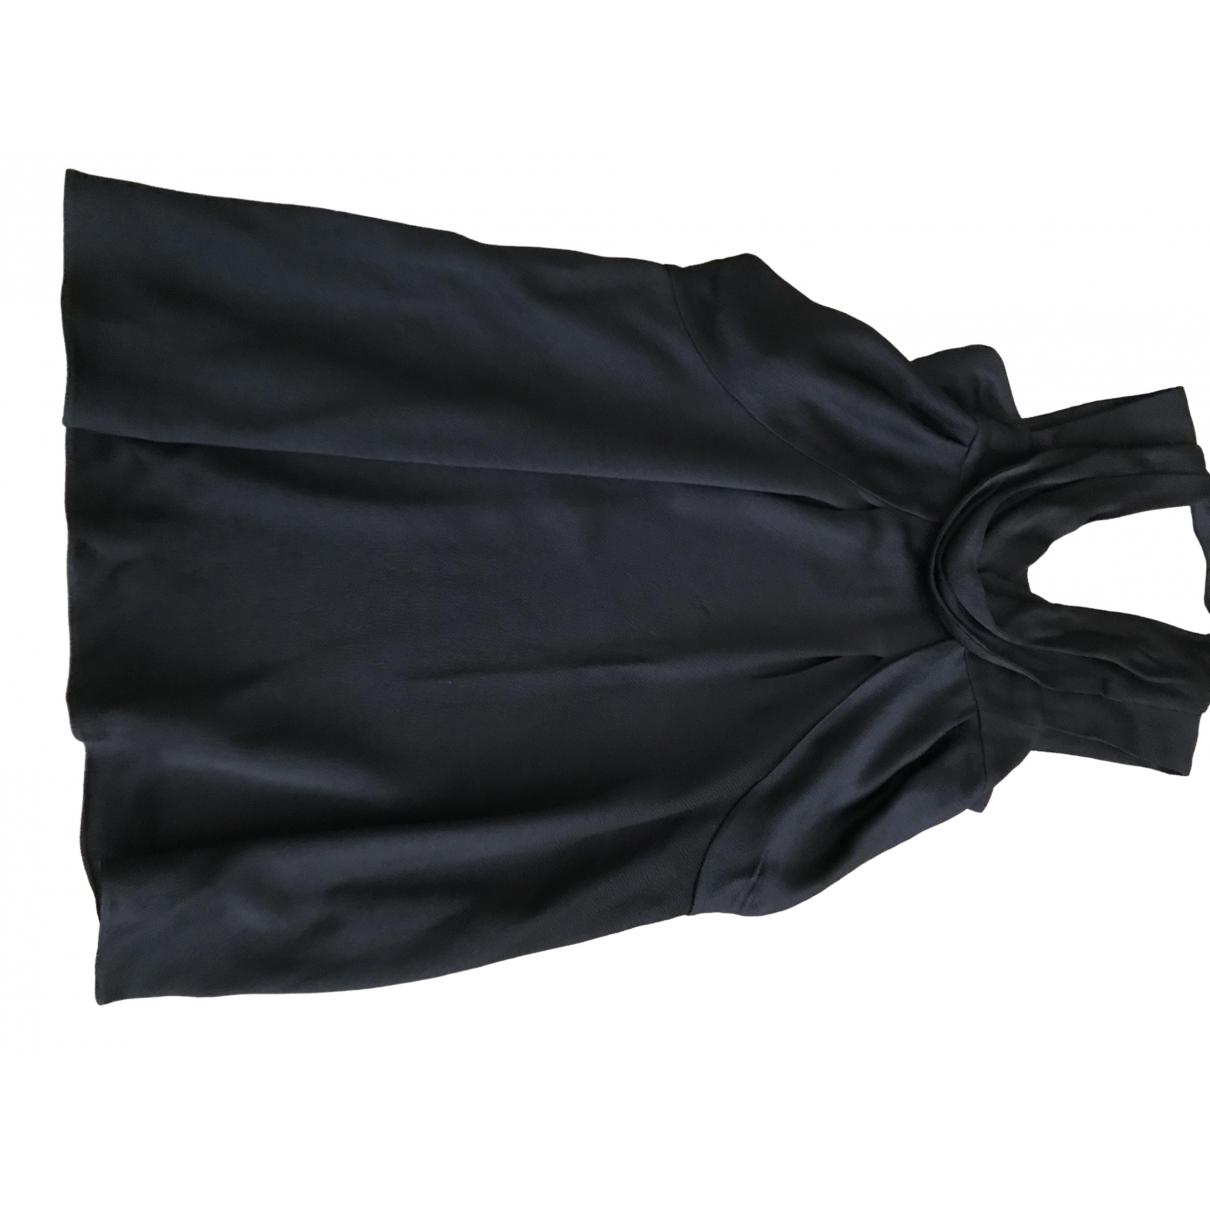 Vanessa Bruno \N Kleid in  Schwarz Viskose